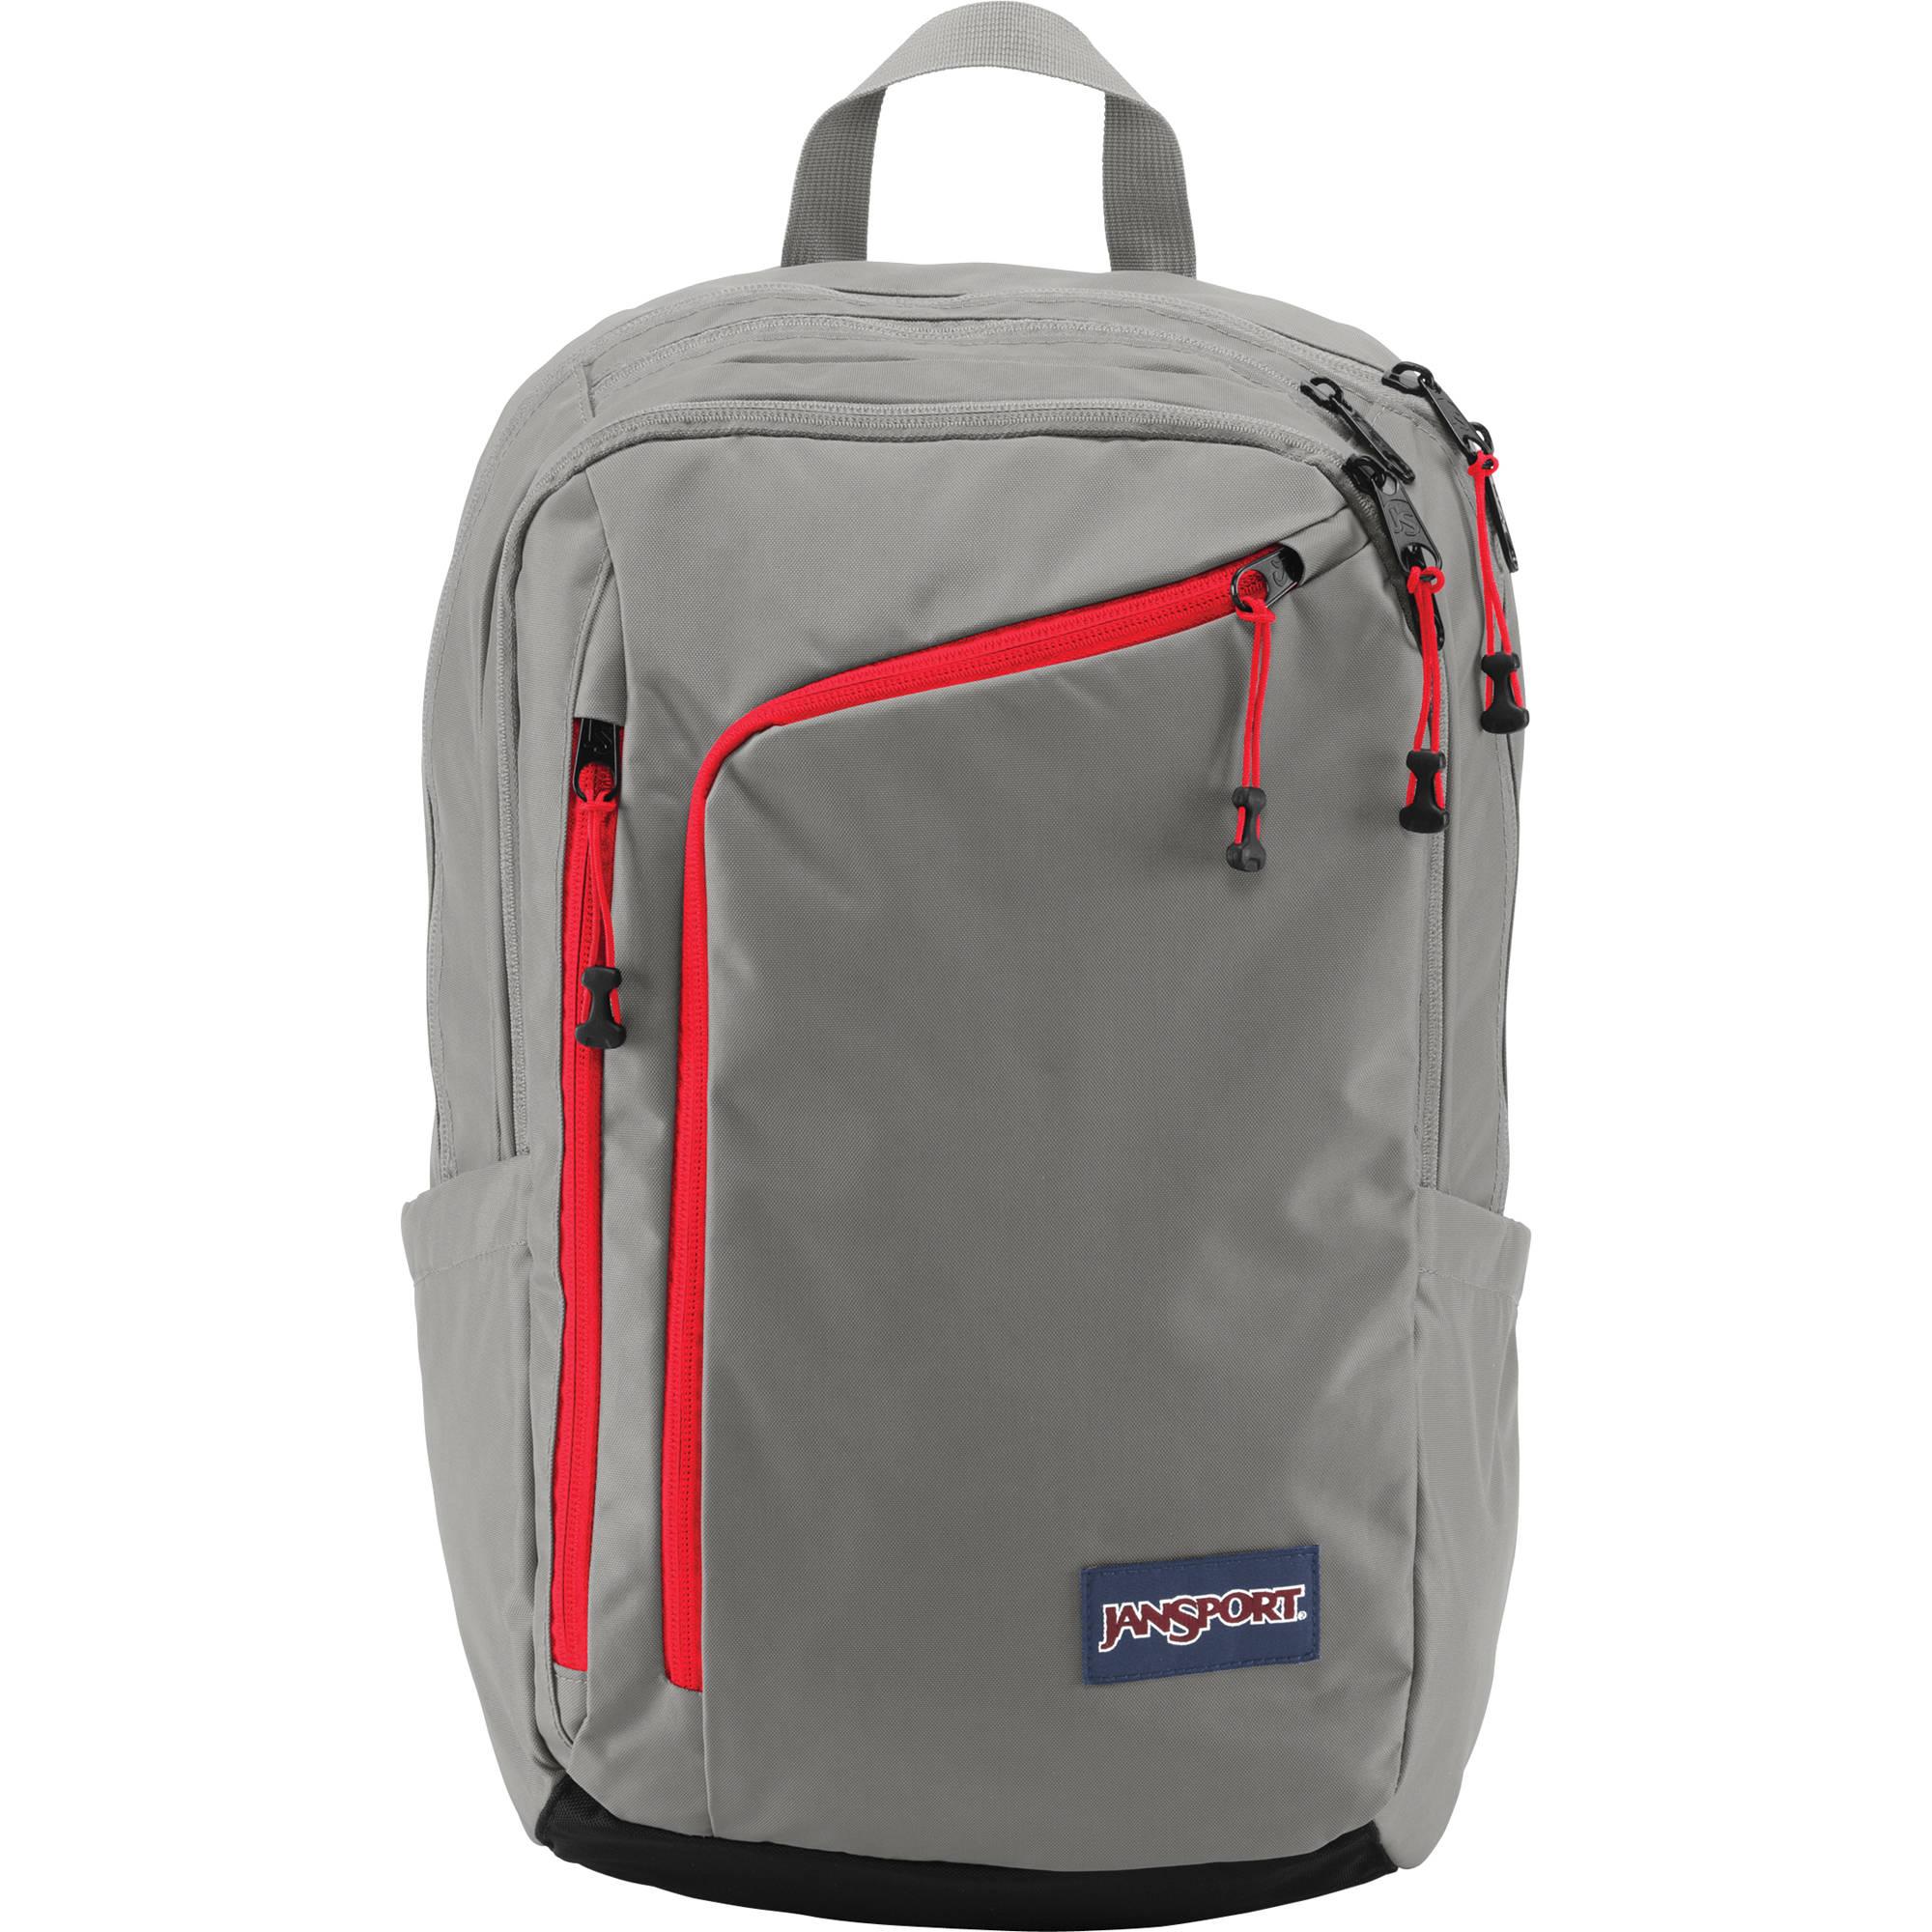 Jansport Backpacks Grey - Crazy Backpacks